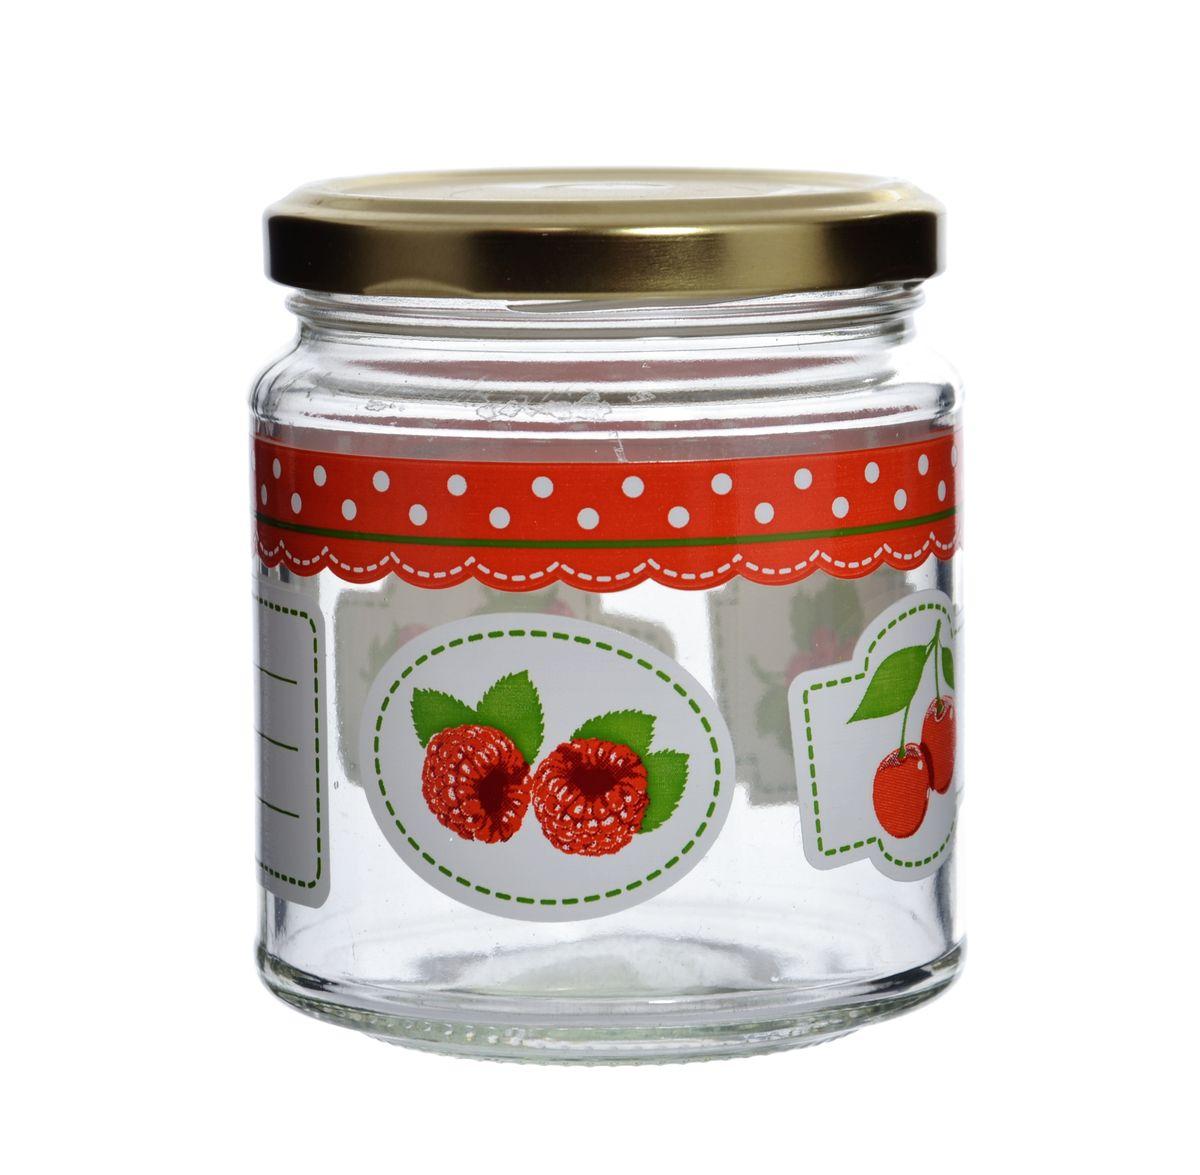 Банка Cerve Фруктовая фантазия, с крышкой, 300 млCEM48340Банка Cerve Фруктовая фантазия выполнена из стекла и декорирована изображением ягод. Имеется поле для записей. Емкость снабжена металлической закручивающейся крышкой. Такая банка подойдет для хранения сыпучих продуктов, а также варенья или меда. Полезное приобретение на кухню для любой хозяйки. Можно мыть в посудомоечной машине.